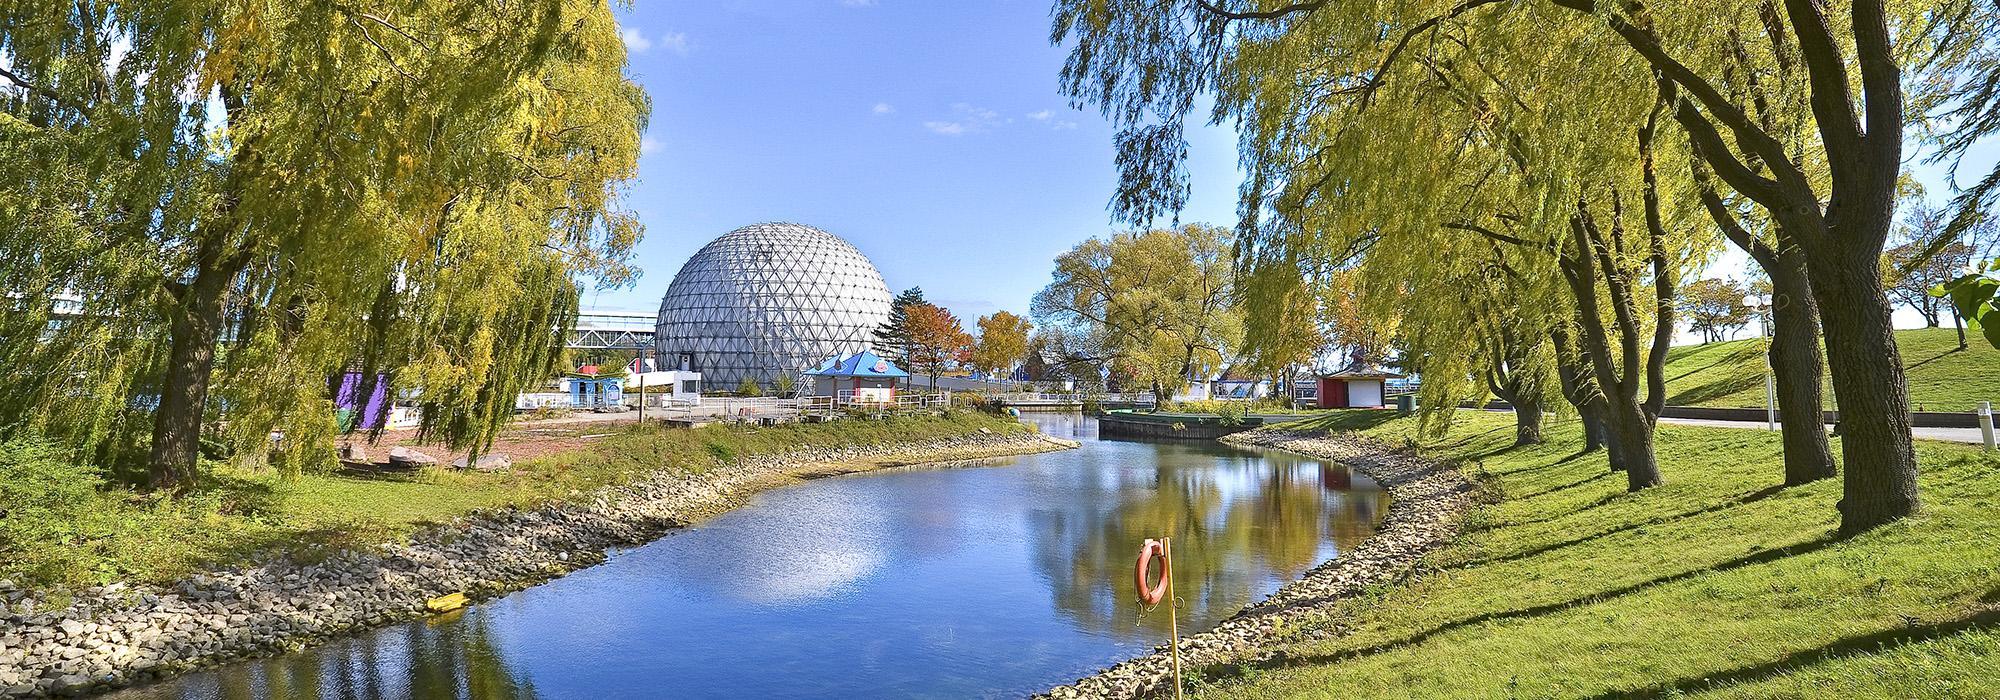 ON_Toronto_OntarioPlace_05_NicolaBetts_2012_Hero.jpg